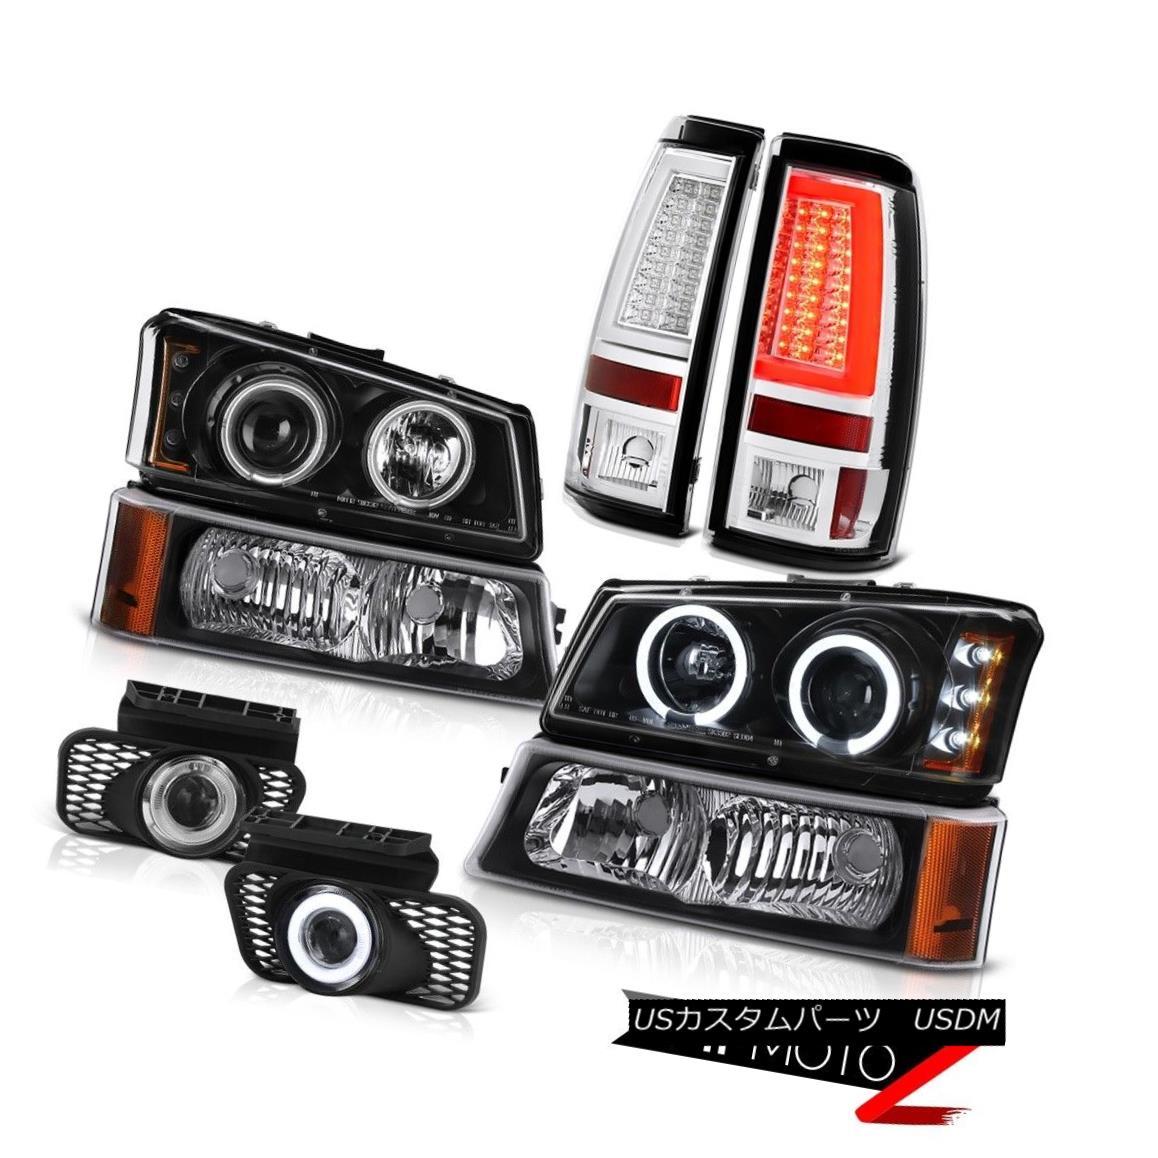 ヘッドライト 03-06 Silverado Tail Brake Lights Bumper Lamp Foglights Headlights Tron Style 03-06 SilveradoテールブレーキライトバンパーランプフォグライトヘッドライトTron Style